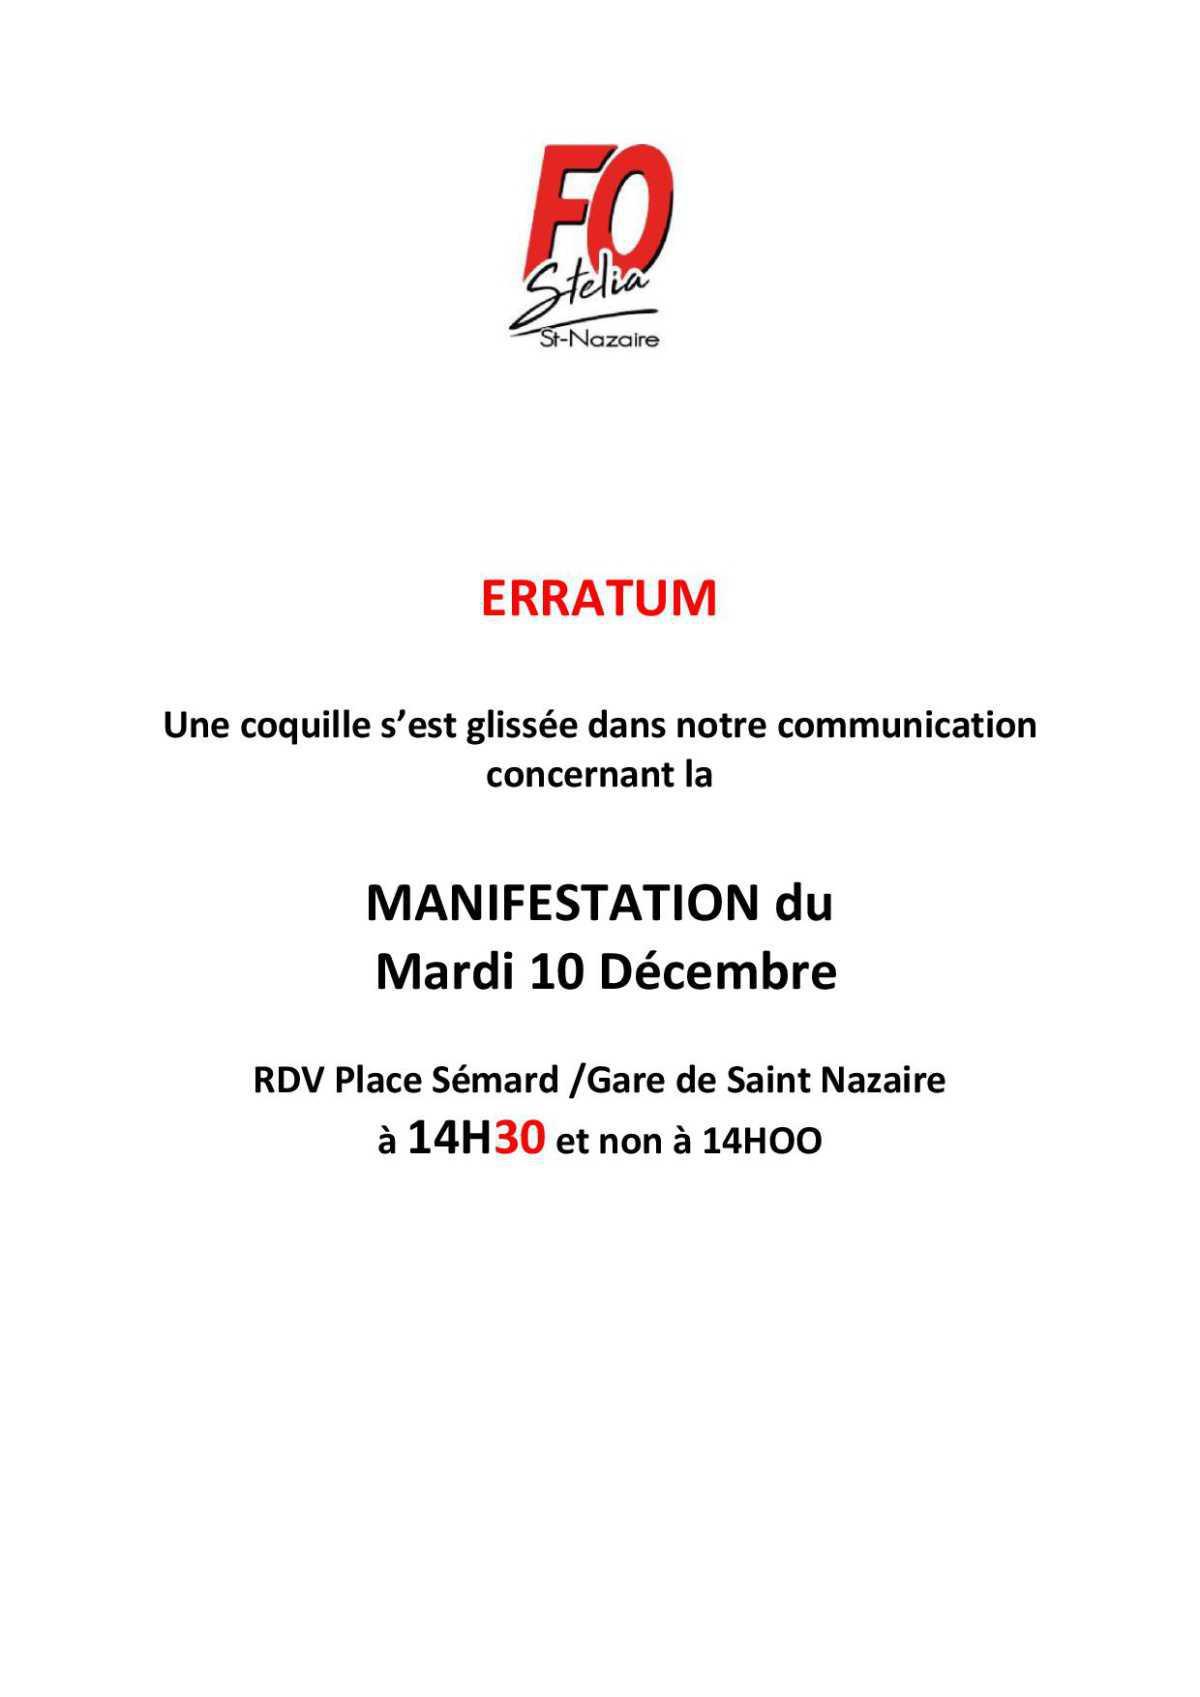 Erratum - manifestation du 10 decembre